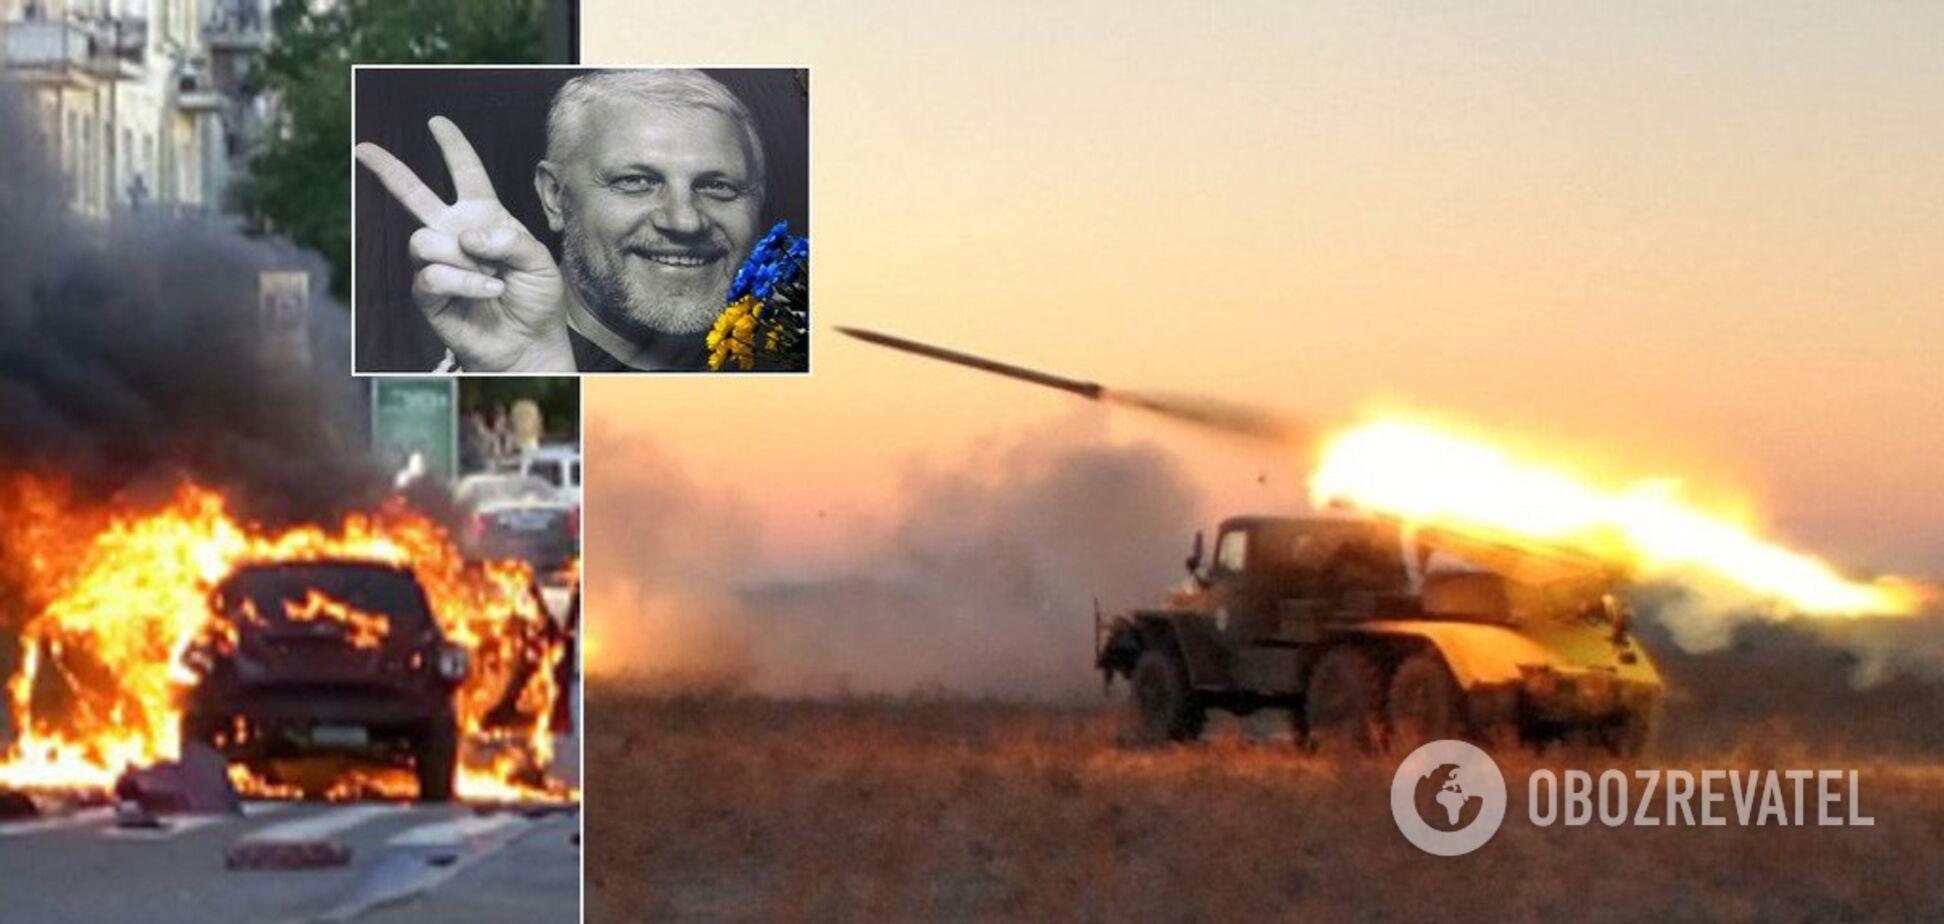 Хотели уничтожить Киев и детей Зверобой: что известно о подозреваемых в убийстве Шеремета